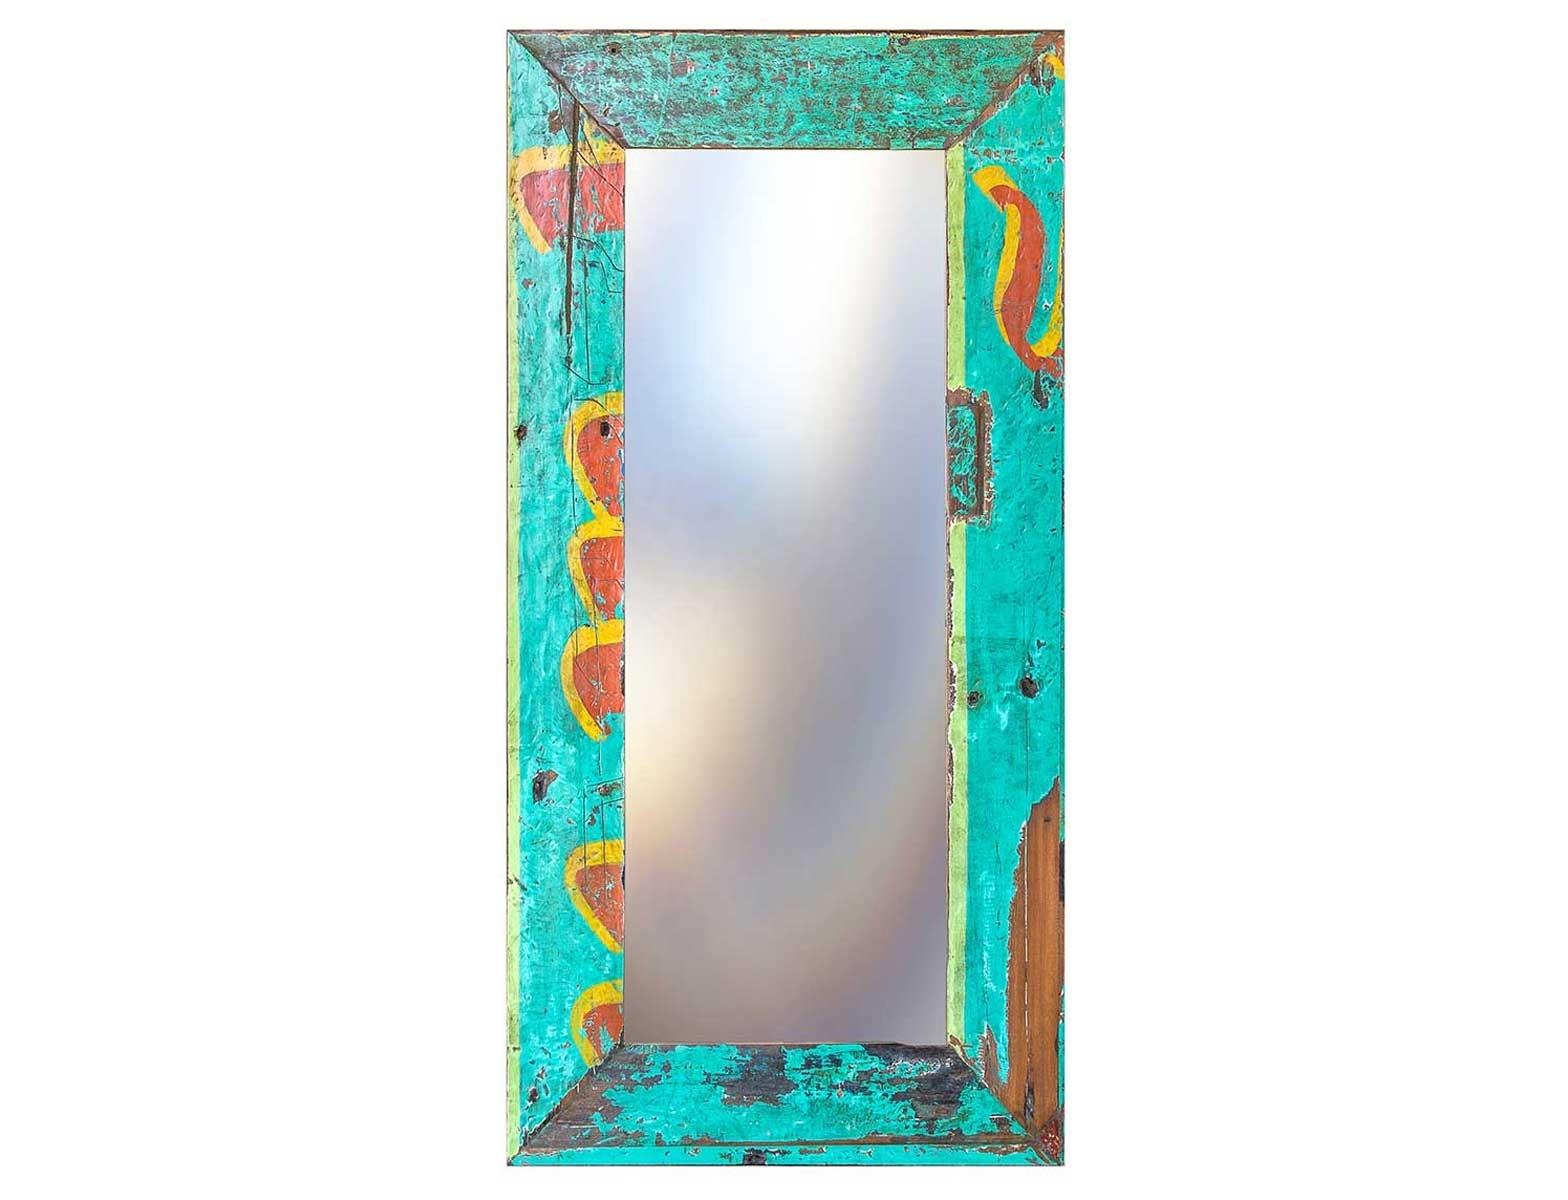 Зеркало Свет мой зеркальцеНастенные зеркала<br>Зеркало выполнено из фрагментов настоящего рыболовецкого судна, возраст которого 20-40 лет. Окрас сохранён оригинальный.<br><br>Material: Тик<br>Width см: 90<br>Depth см: 4<br>Height см: 180